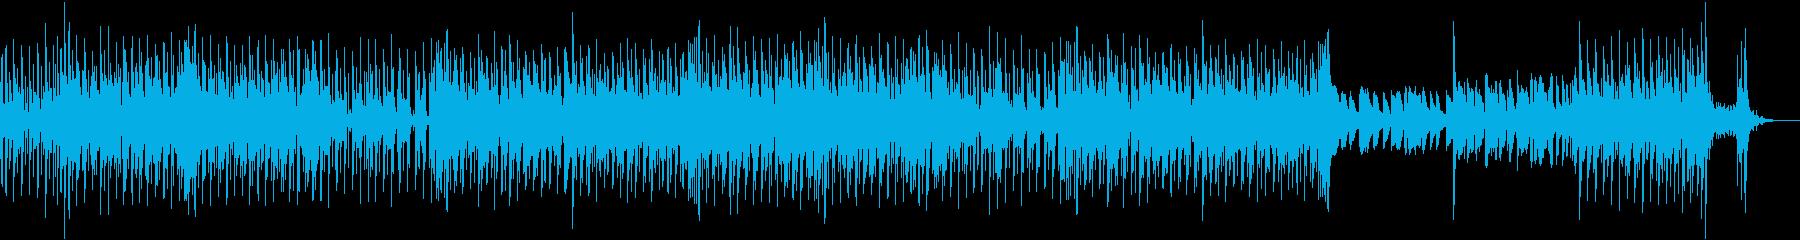 ラテンフレーバーインスト。さわやか...の再生済みの波形